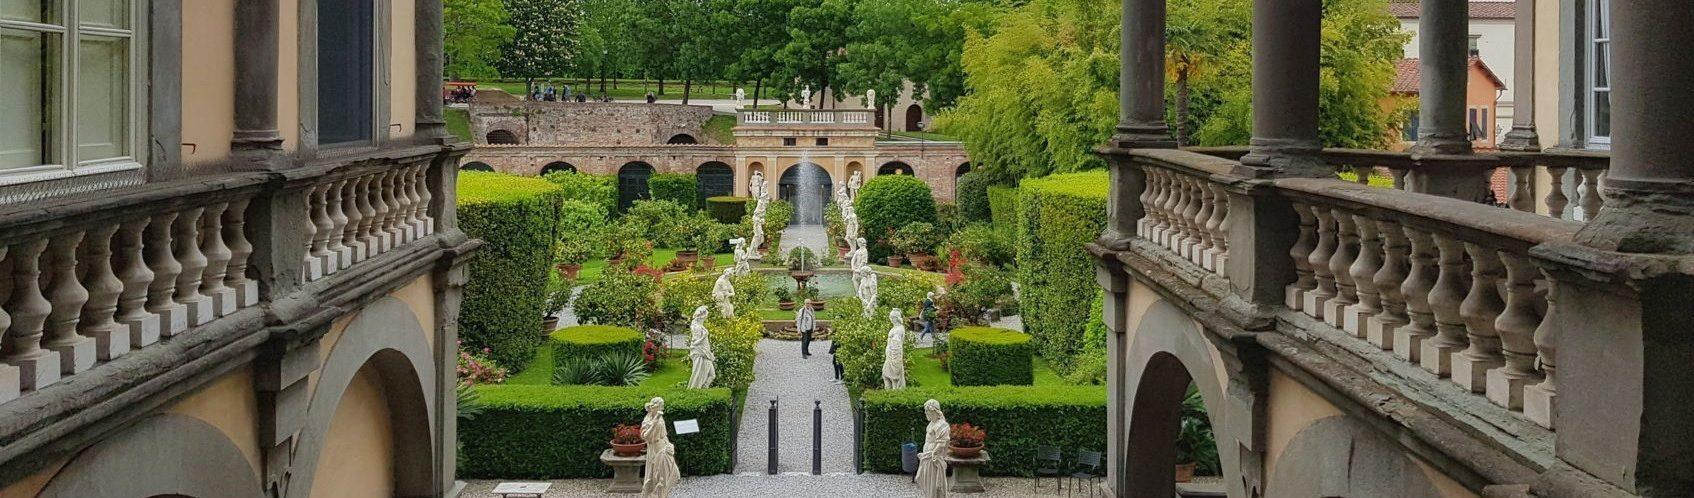 Palazzo Pfanner, vista del giardino